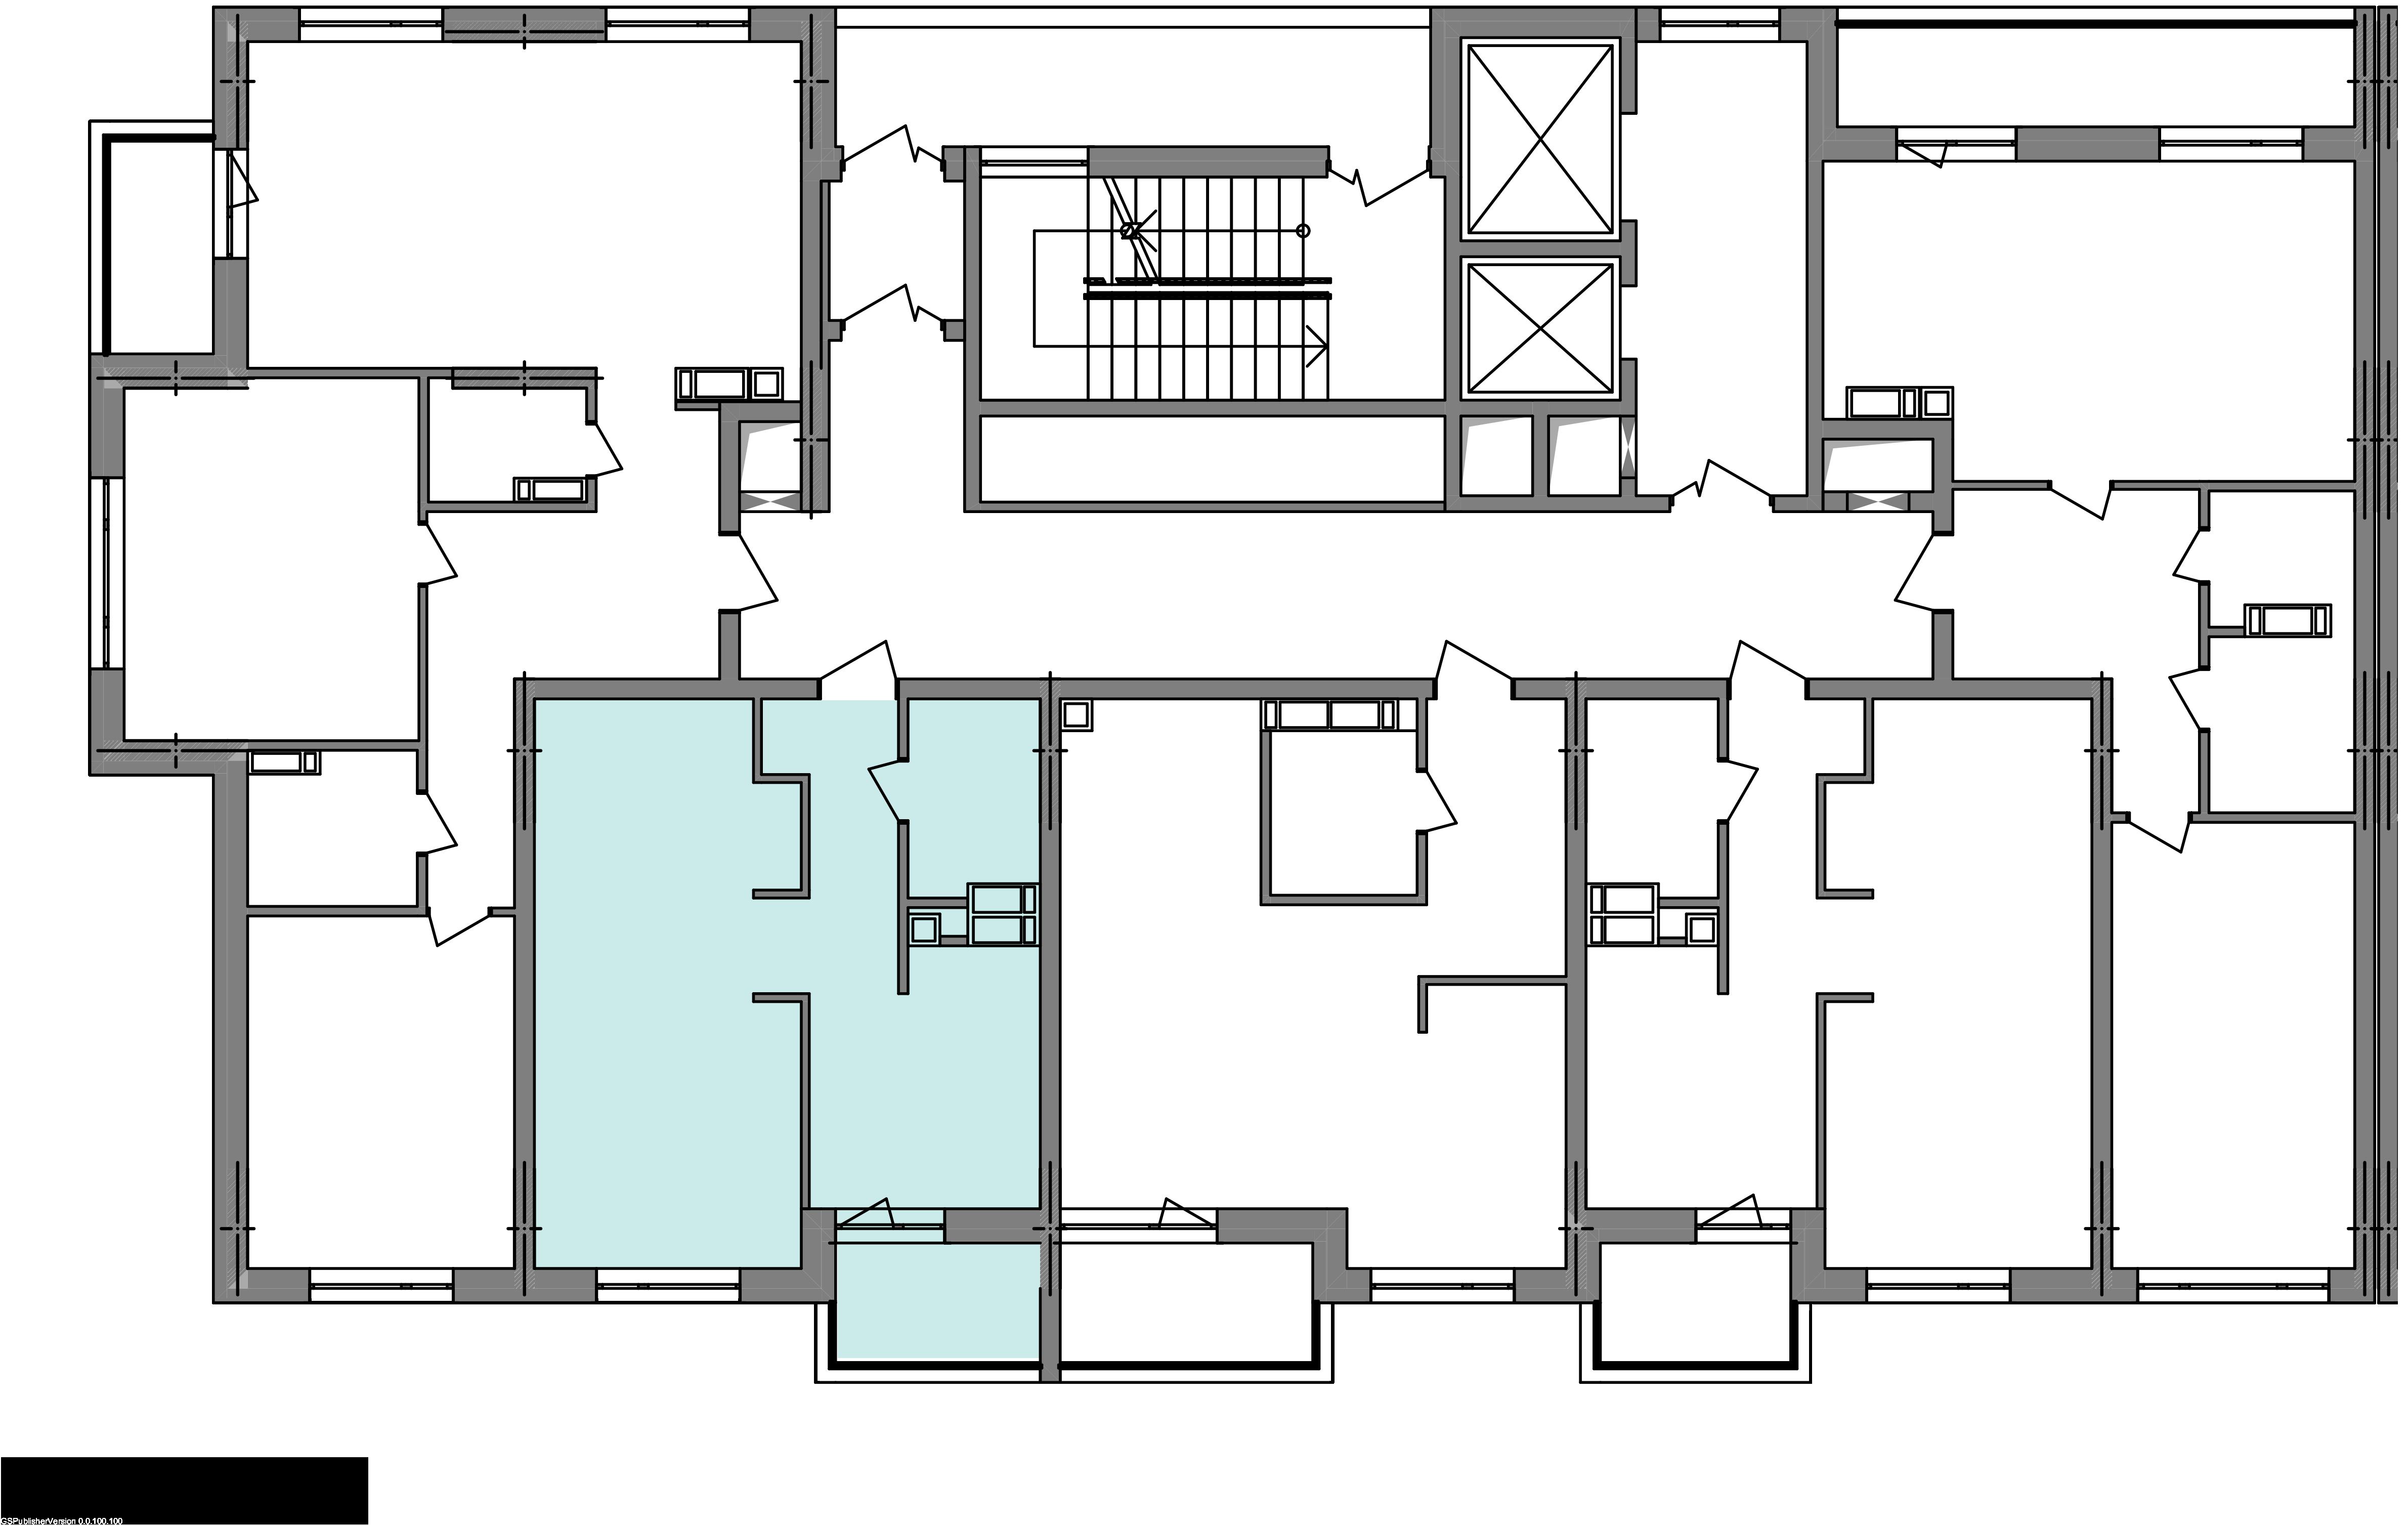 Однокімнатна квартира 40,48 кв.м., тип 1.6, будинок 3 секція 1 розташування на поверсі